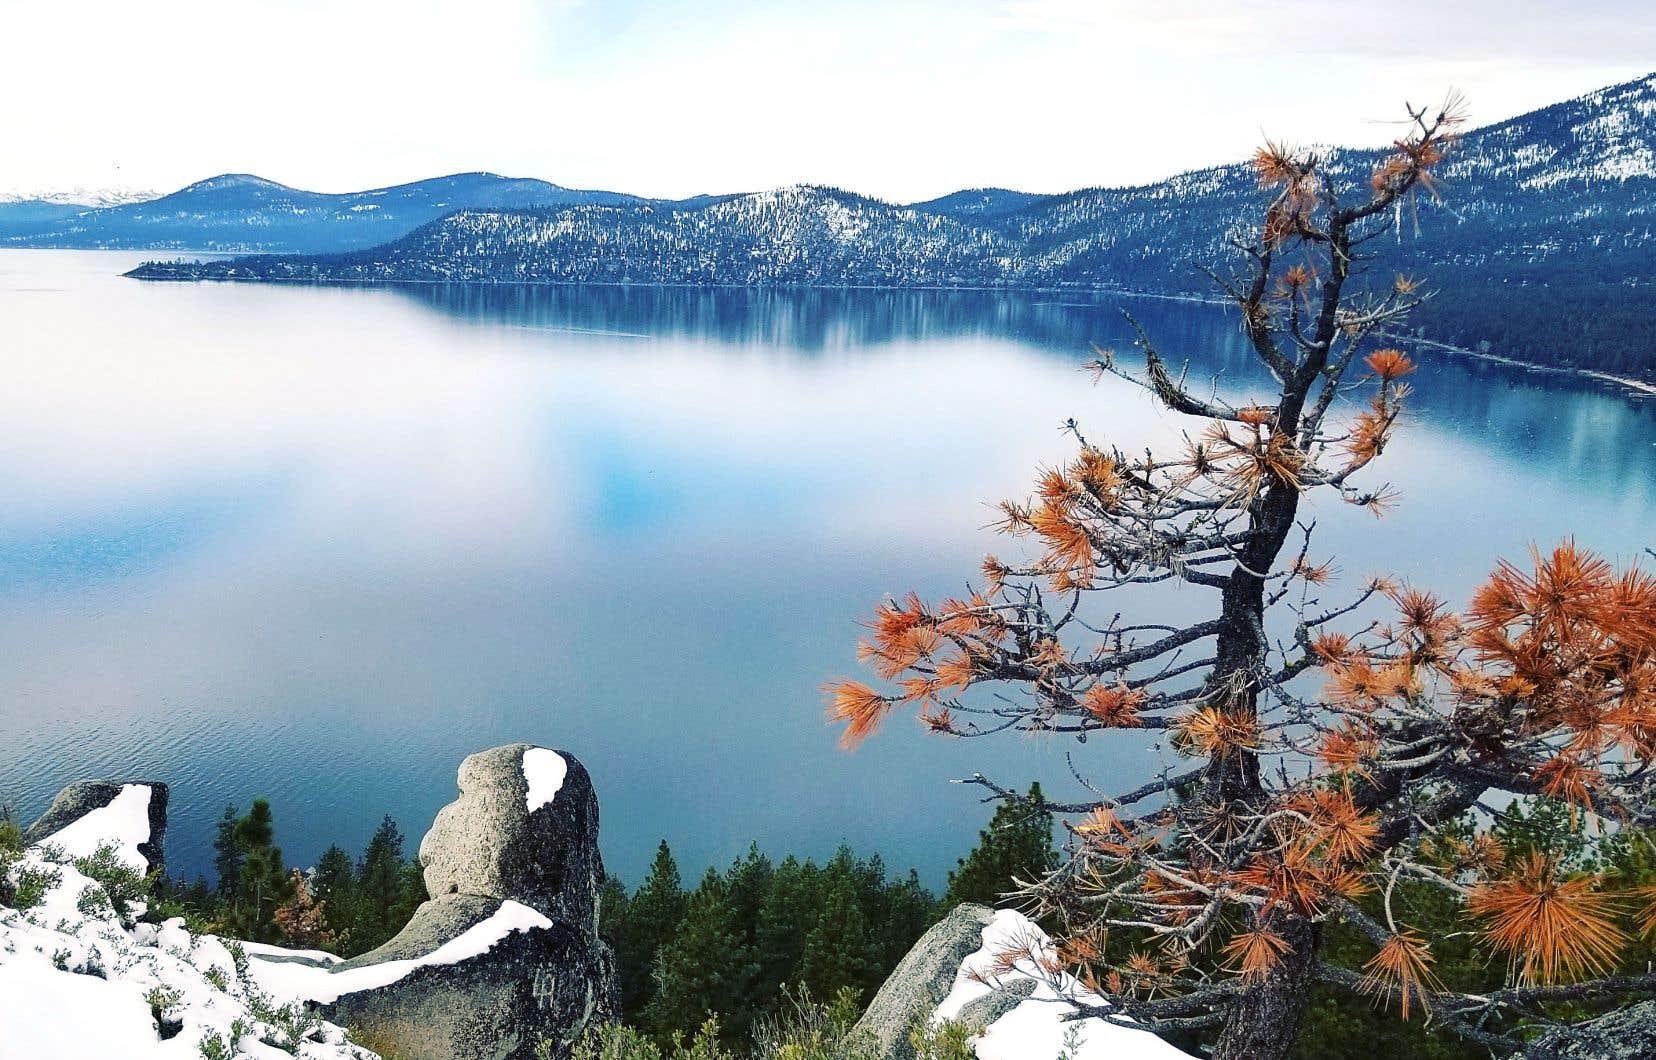 Connu pour abriter le fameux Monkey Rock, le Tunnel Creek Trail offre une magnifique vue sur le lac Tahoe.